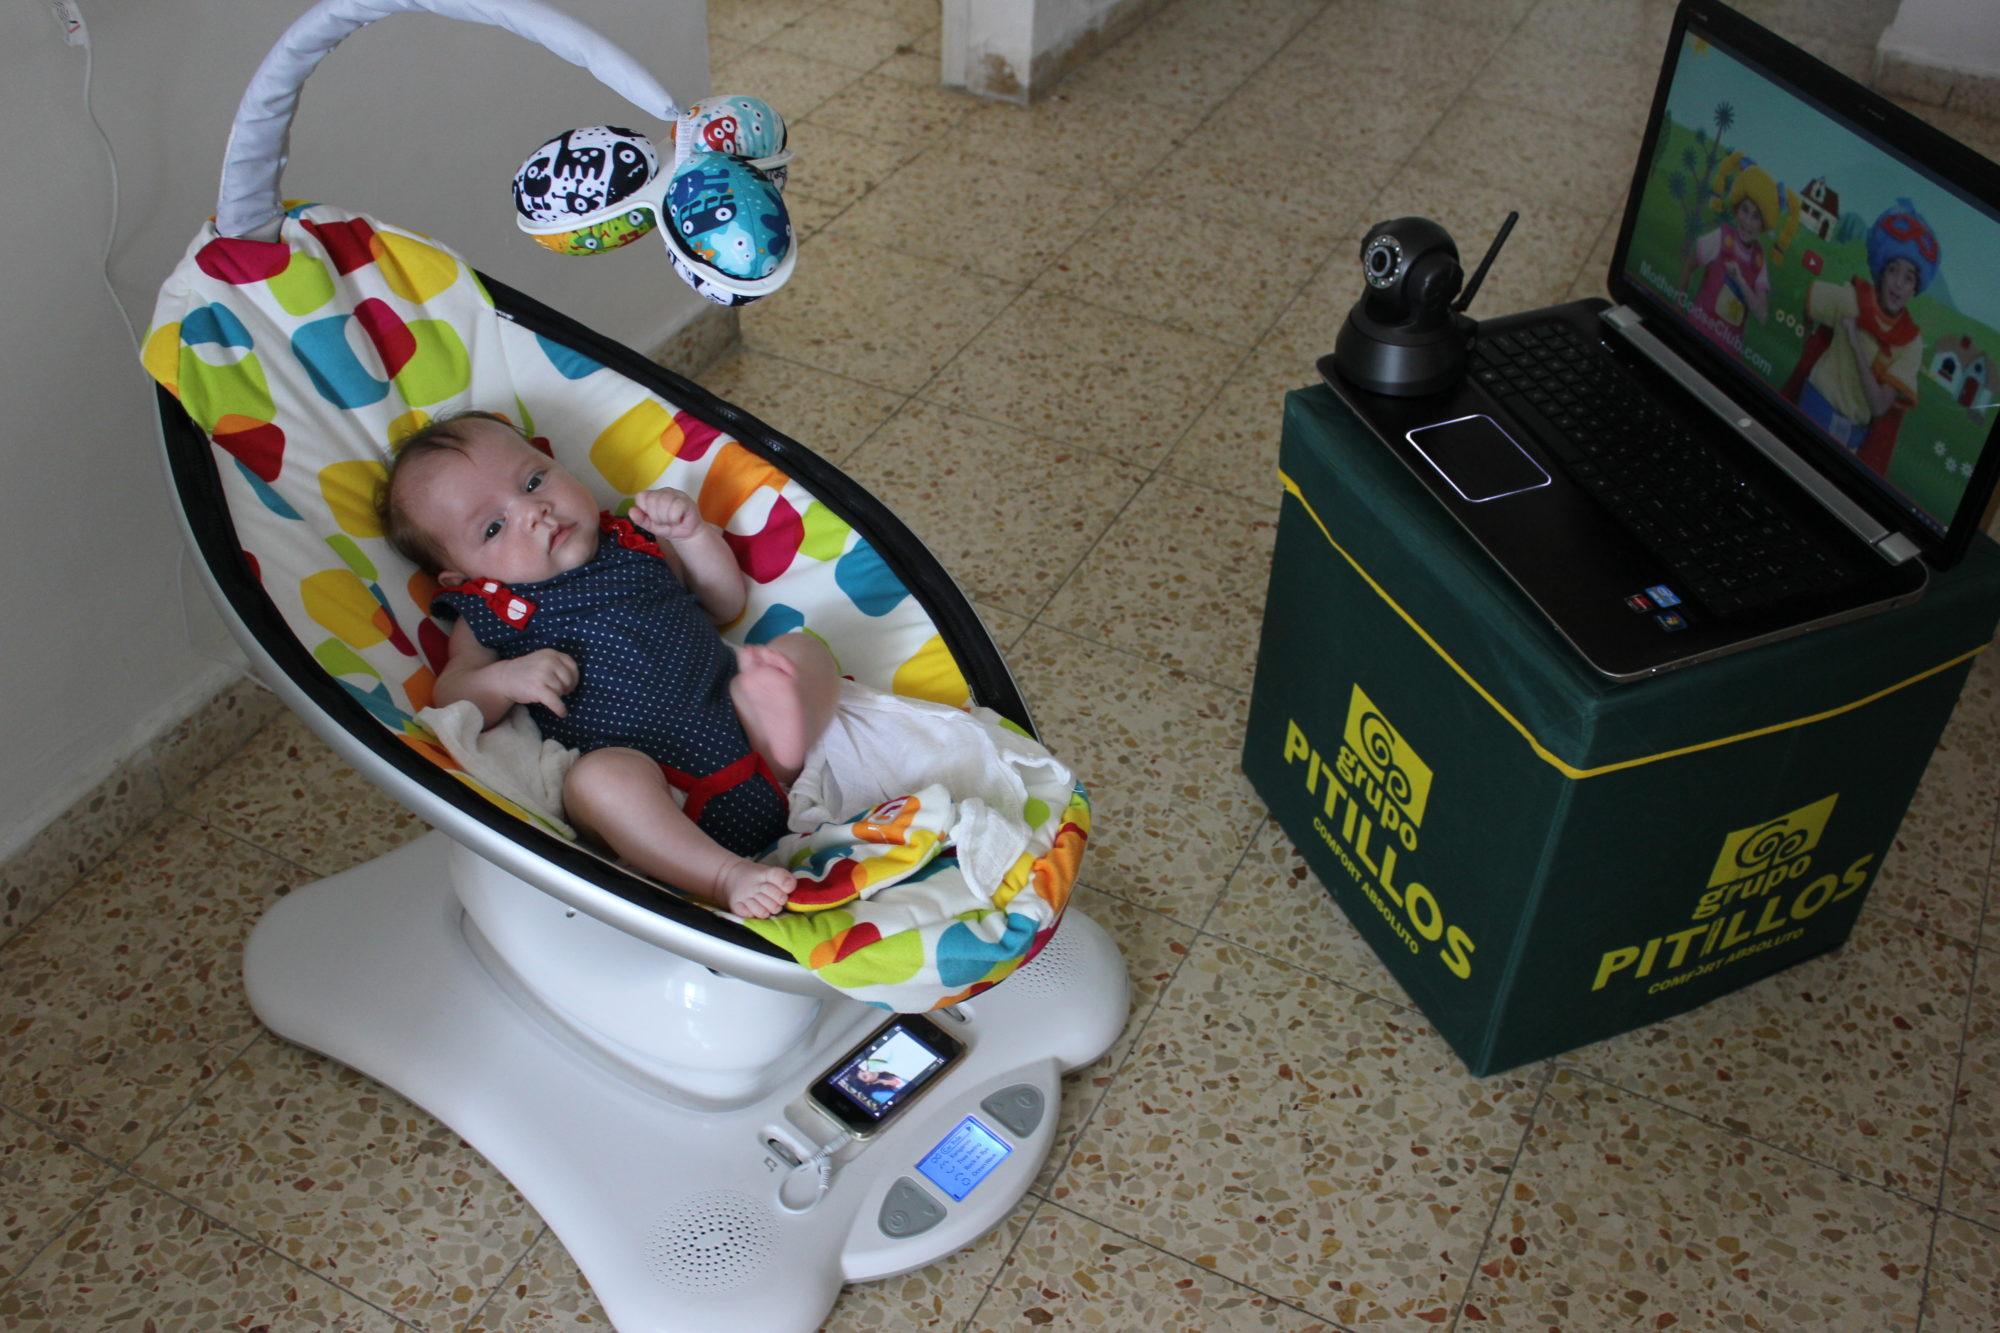 שם השולח: יאנה גורביץ' קרקו. החיים בעידן הדיגיטלי מתחילים כיום כבר מהיוולדו של התינוק. אלכס הקטנה נהנית בנדנה שלה אשר משדרת לה מוסיקה מהאייפון. בנוסף היא צופה בסרטונים לתינוקות בלפטופ. אם זה לא מספיק אז אבא שלה הזמין מצלמה שהוא צופה בה דרך הגלקסי שלו. פשוט החיים בעידן הדיגיטלי.